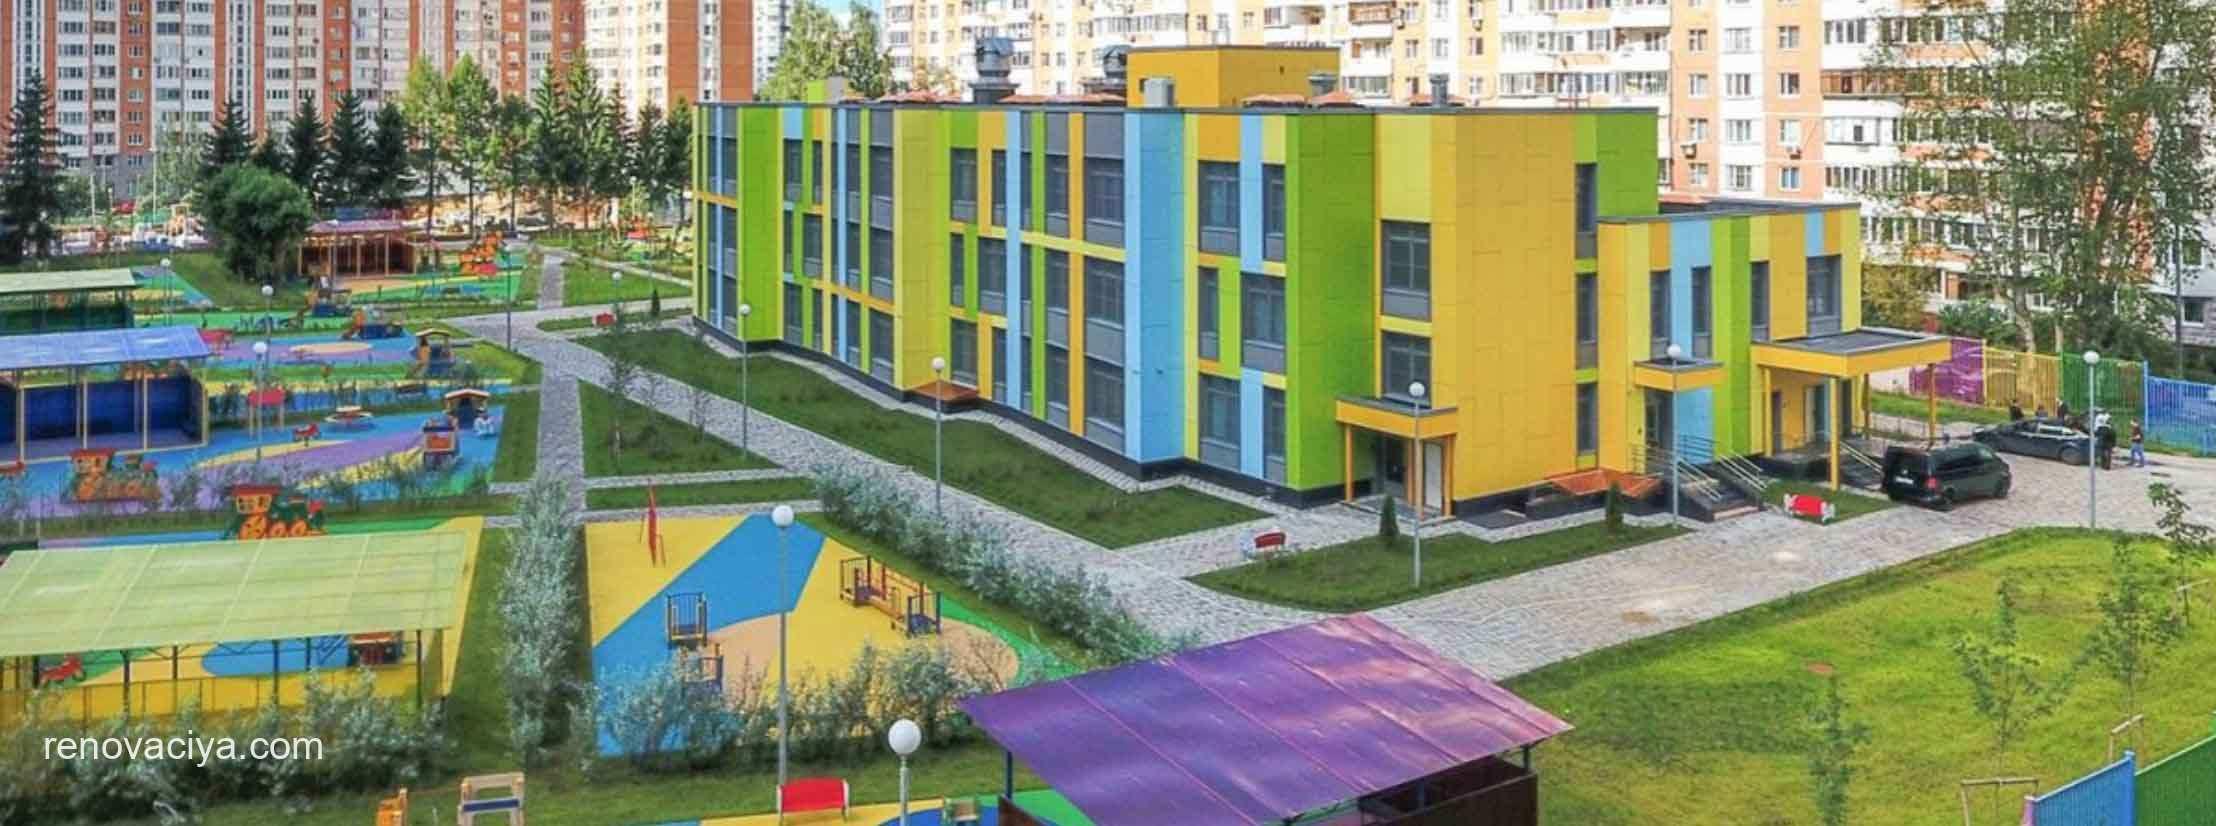 Новые дома, аптеки и магазины в Покровское-Стрешнево